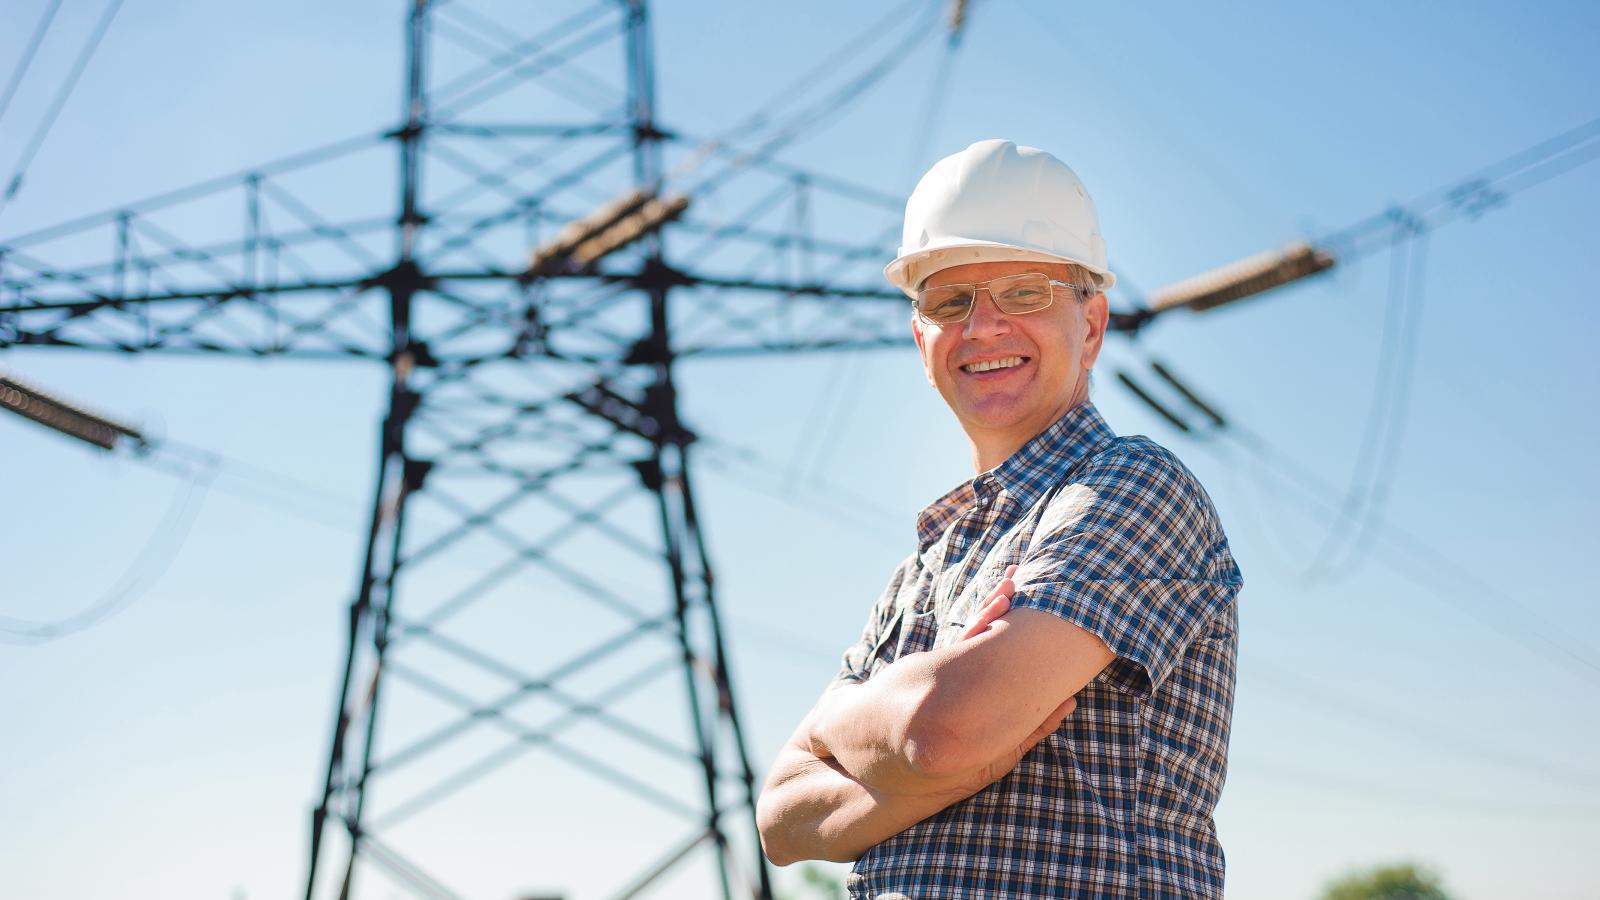 Strom, Gas und Wärme: Unsere Netze